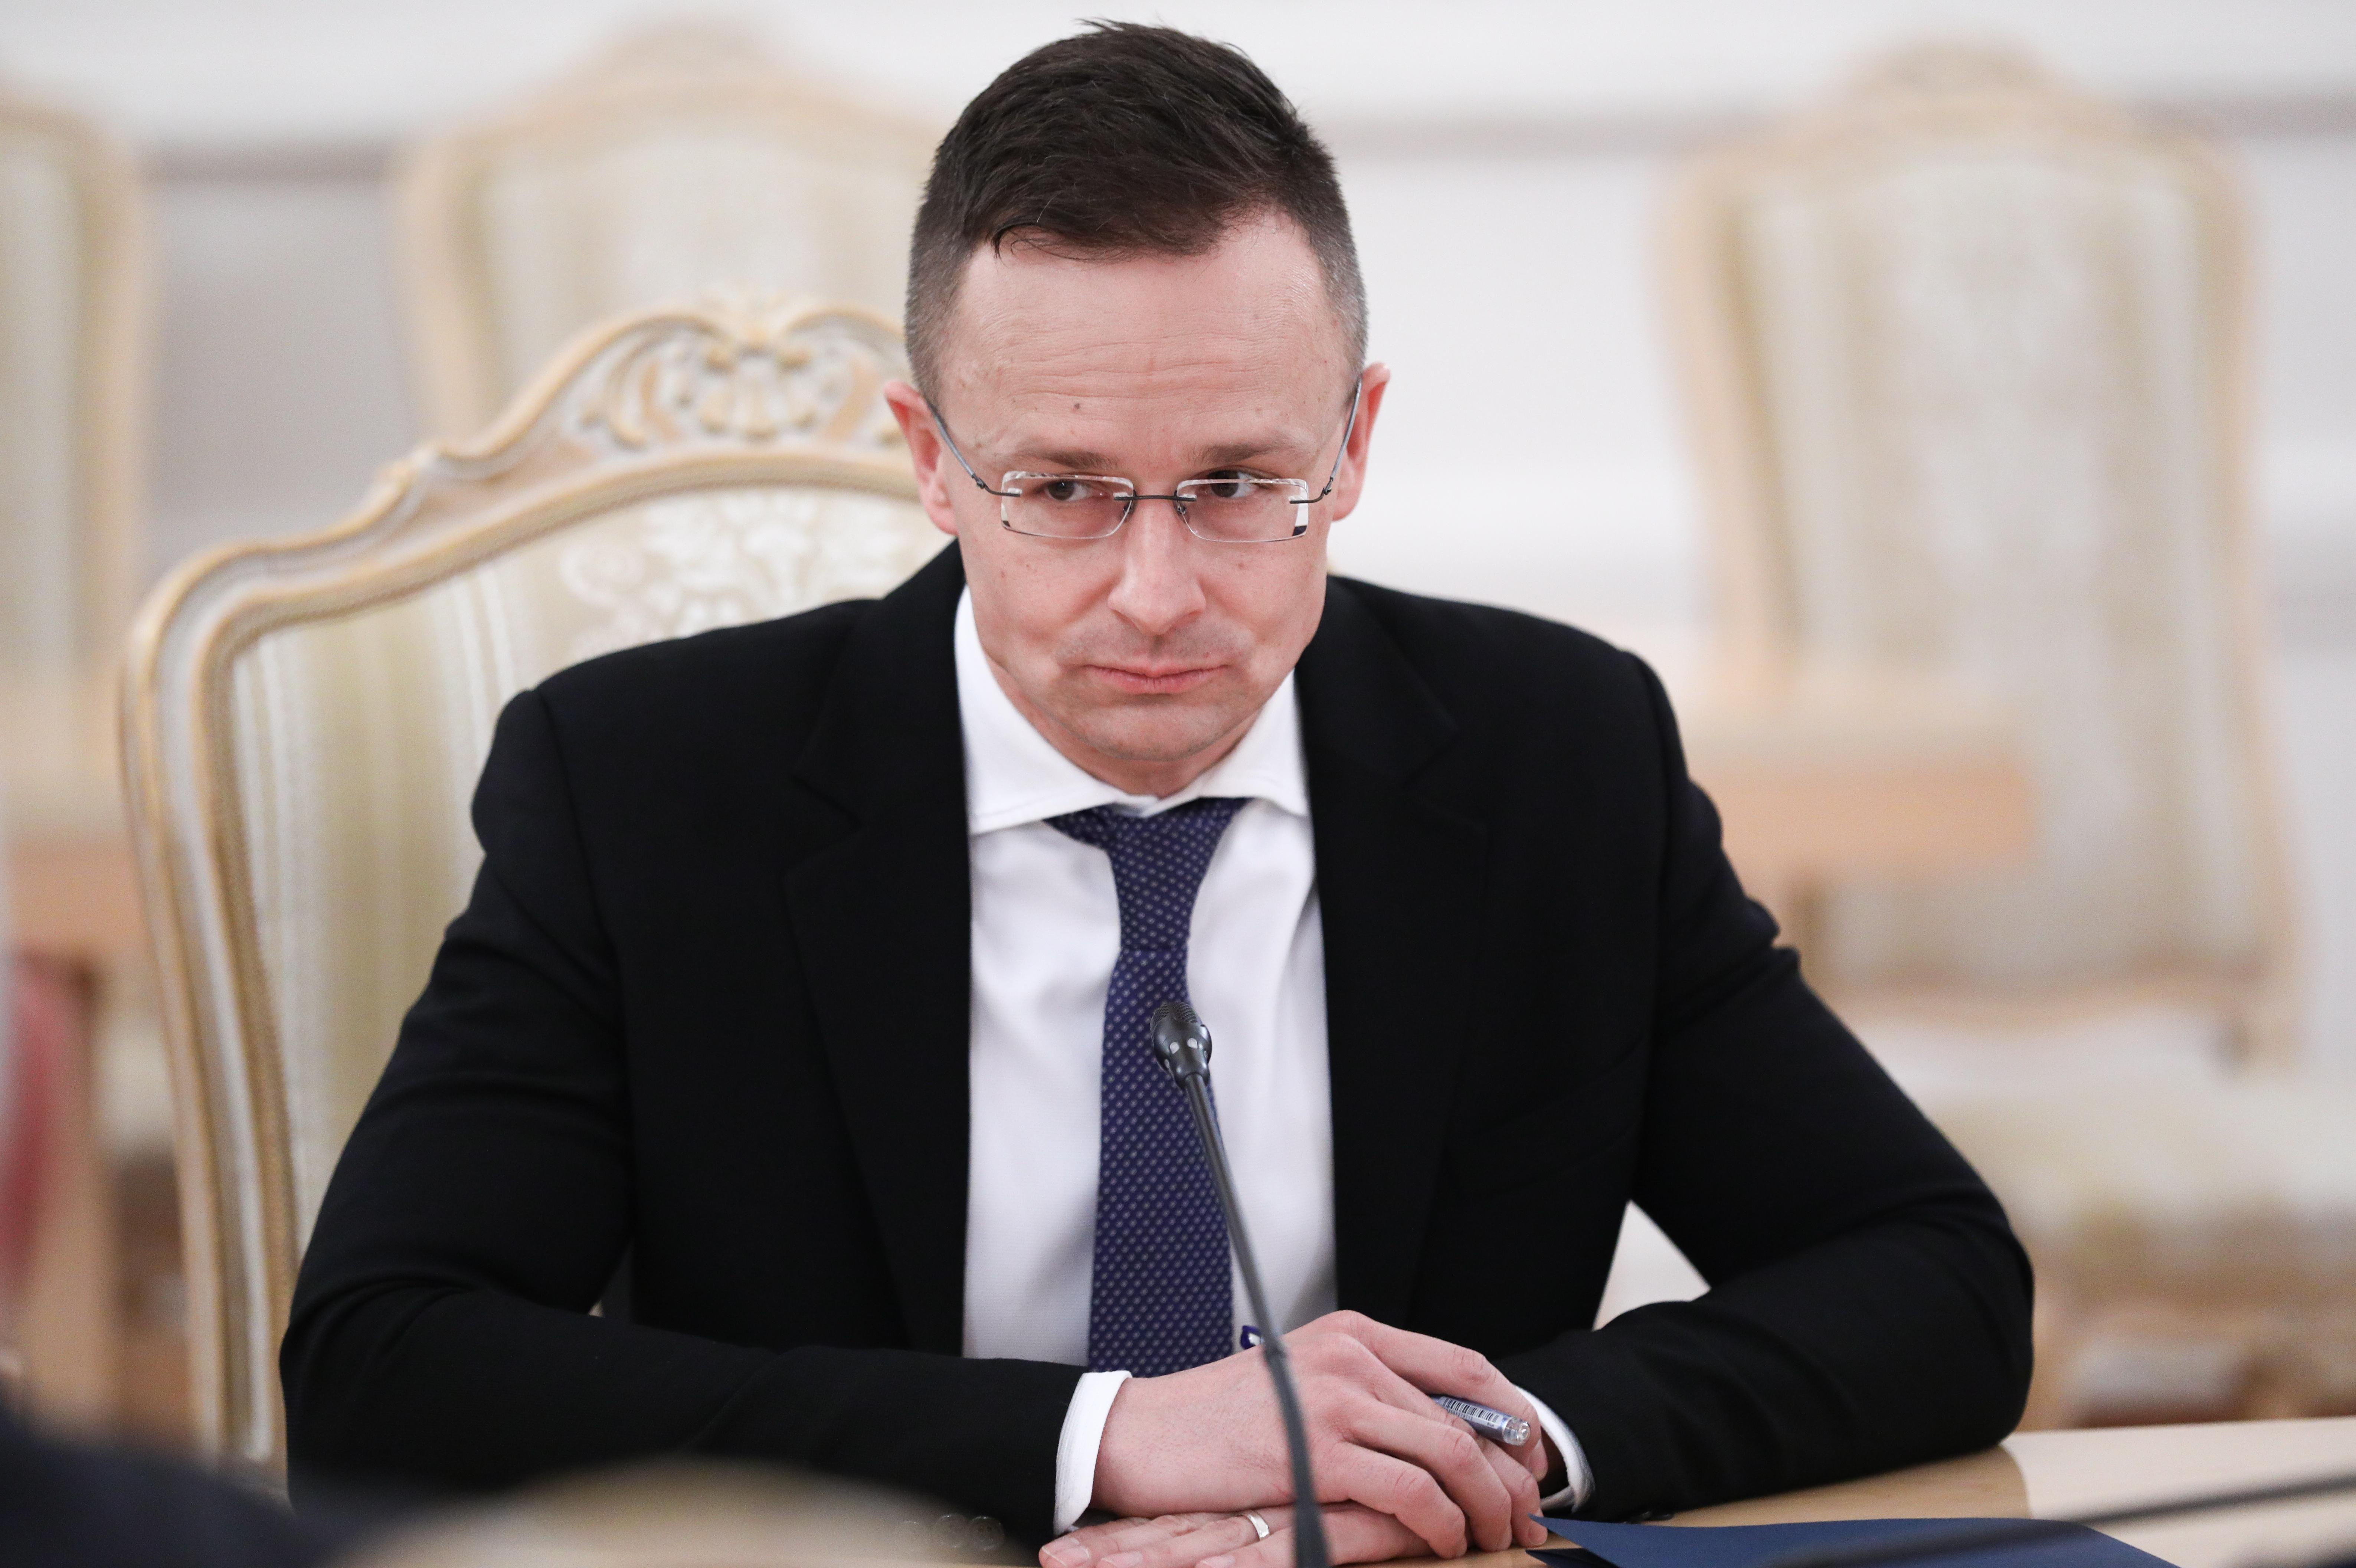 Külügyminisztérium a minszki incidensről: az uniós nyilatkozat tükrözi a kormány álláspontját